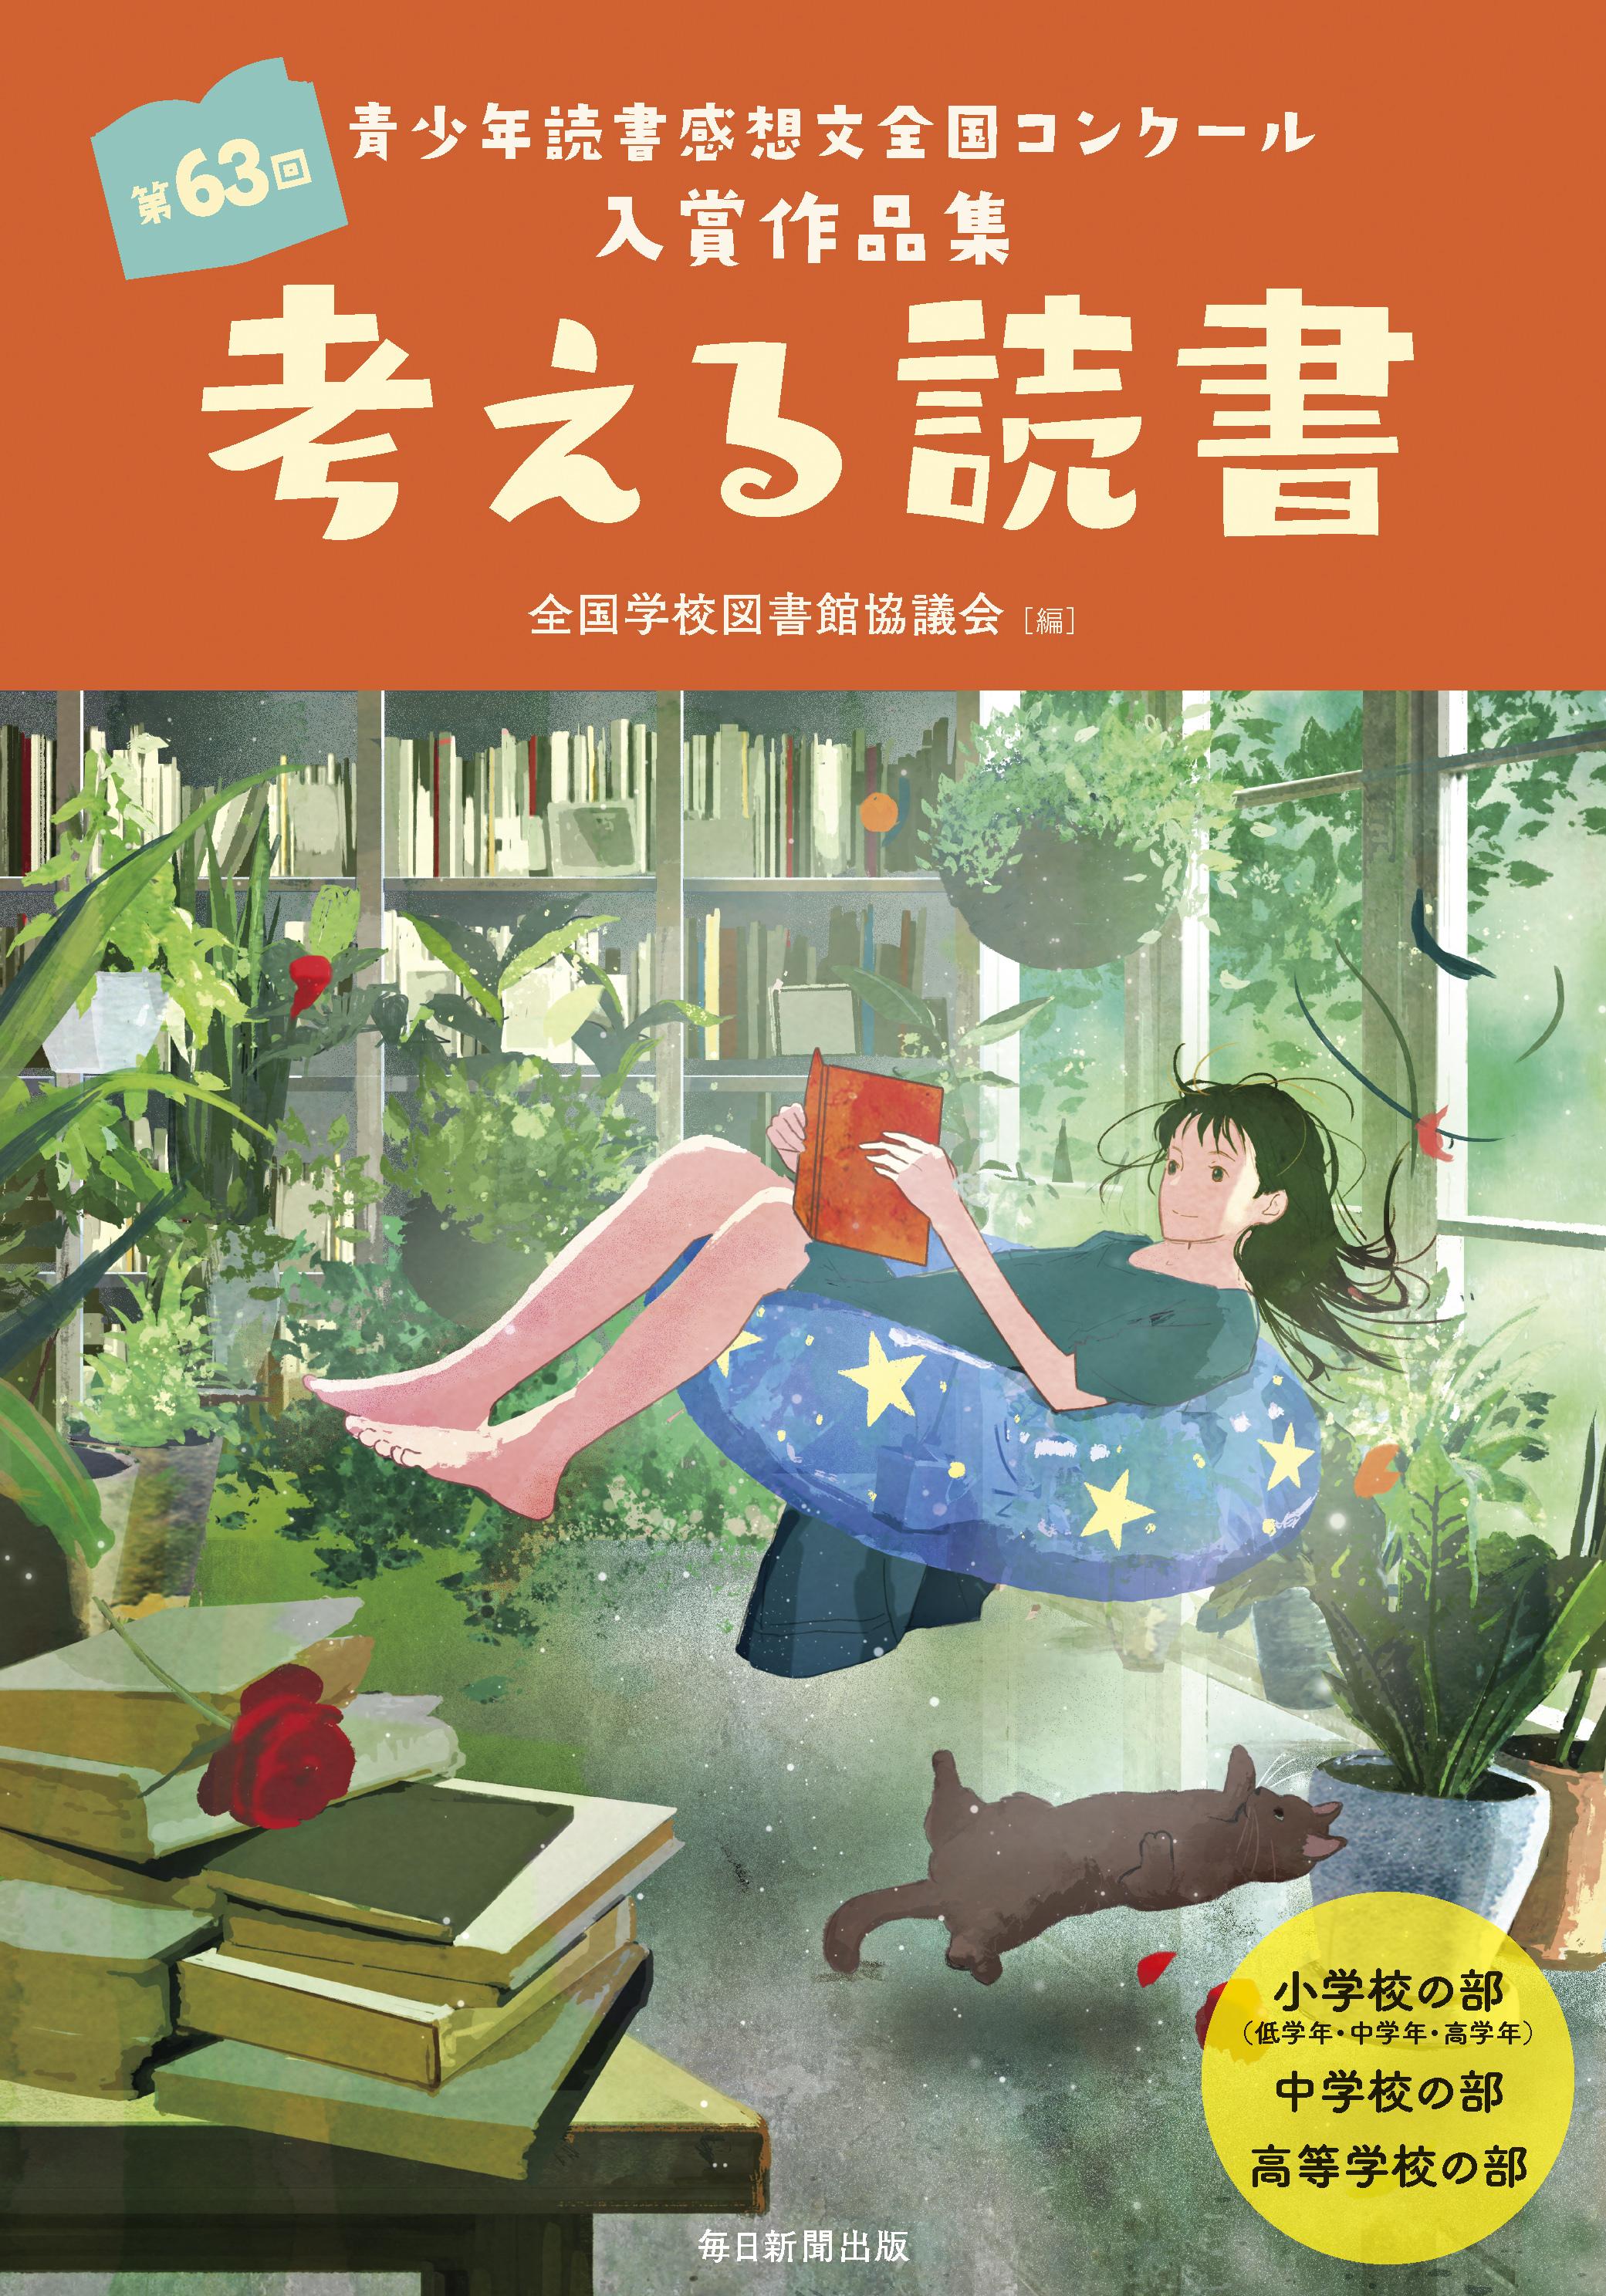 書影:考える読書 第63回青少年読書感想文全国コンクール入賞作品集